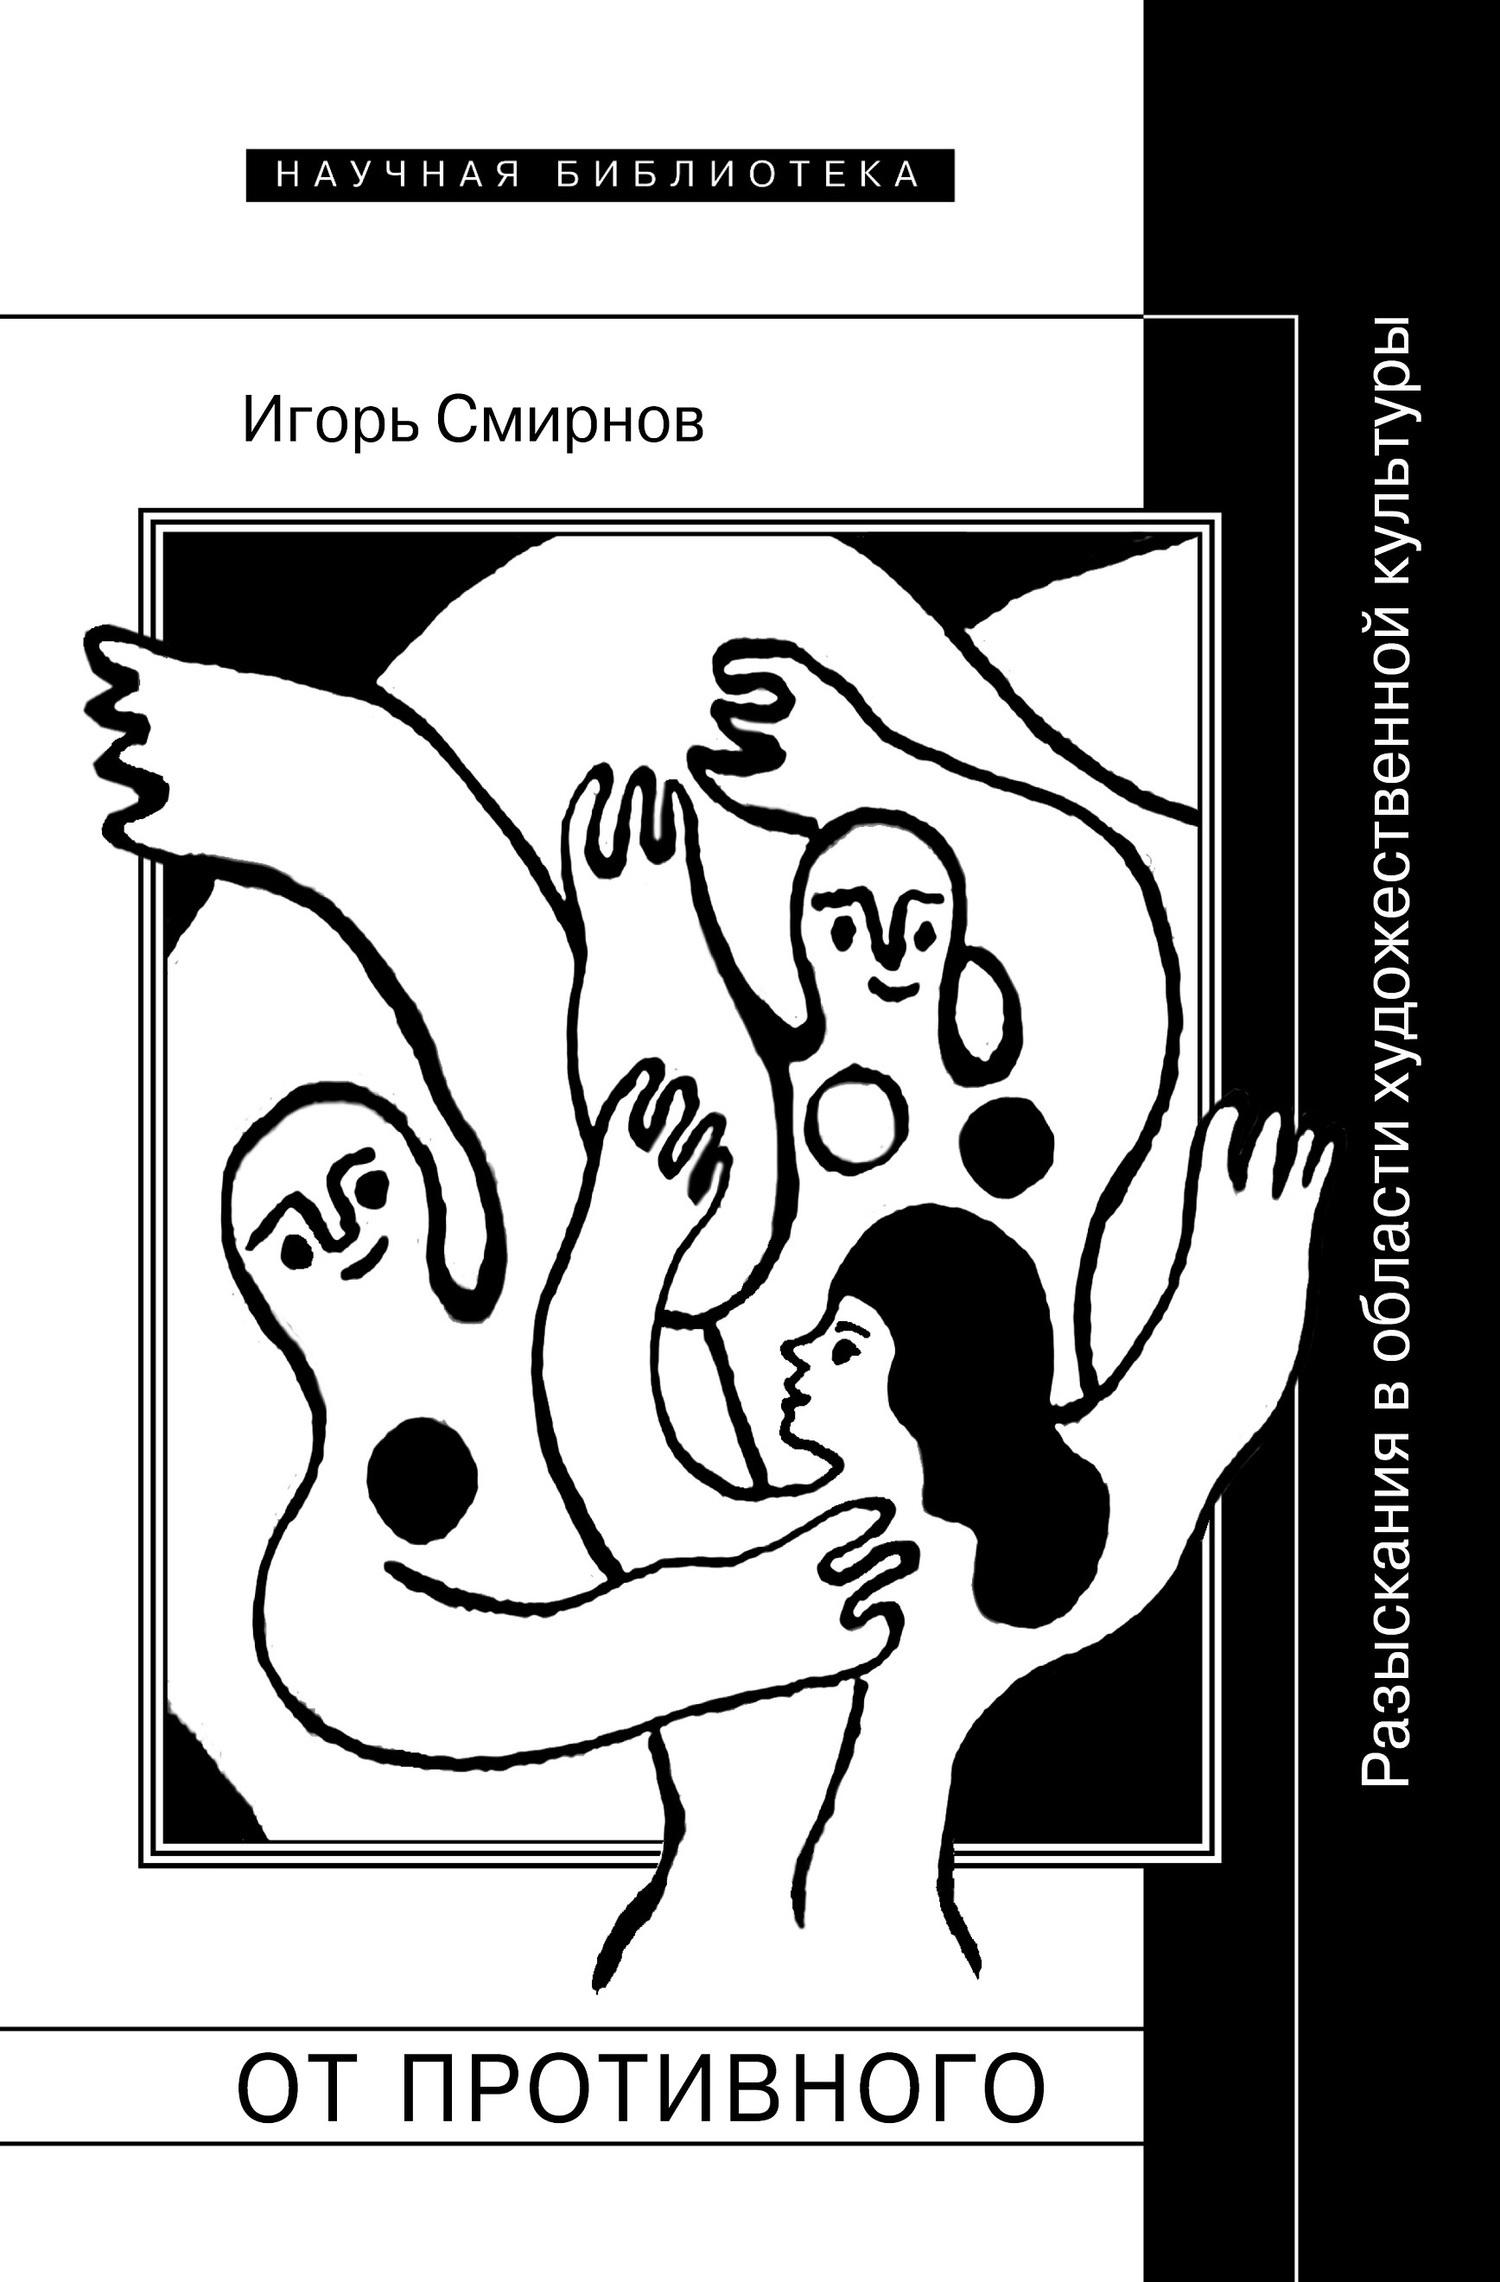 Игорь Смирнов - От противного. Разыскания в области художественной культуры